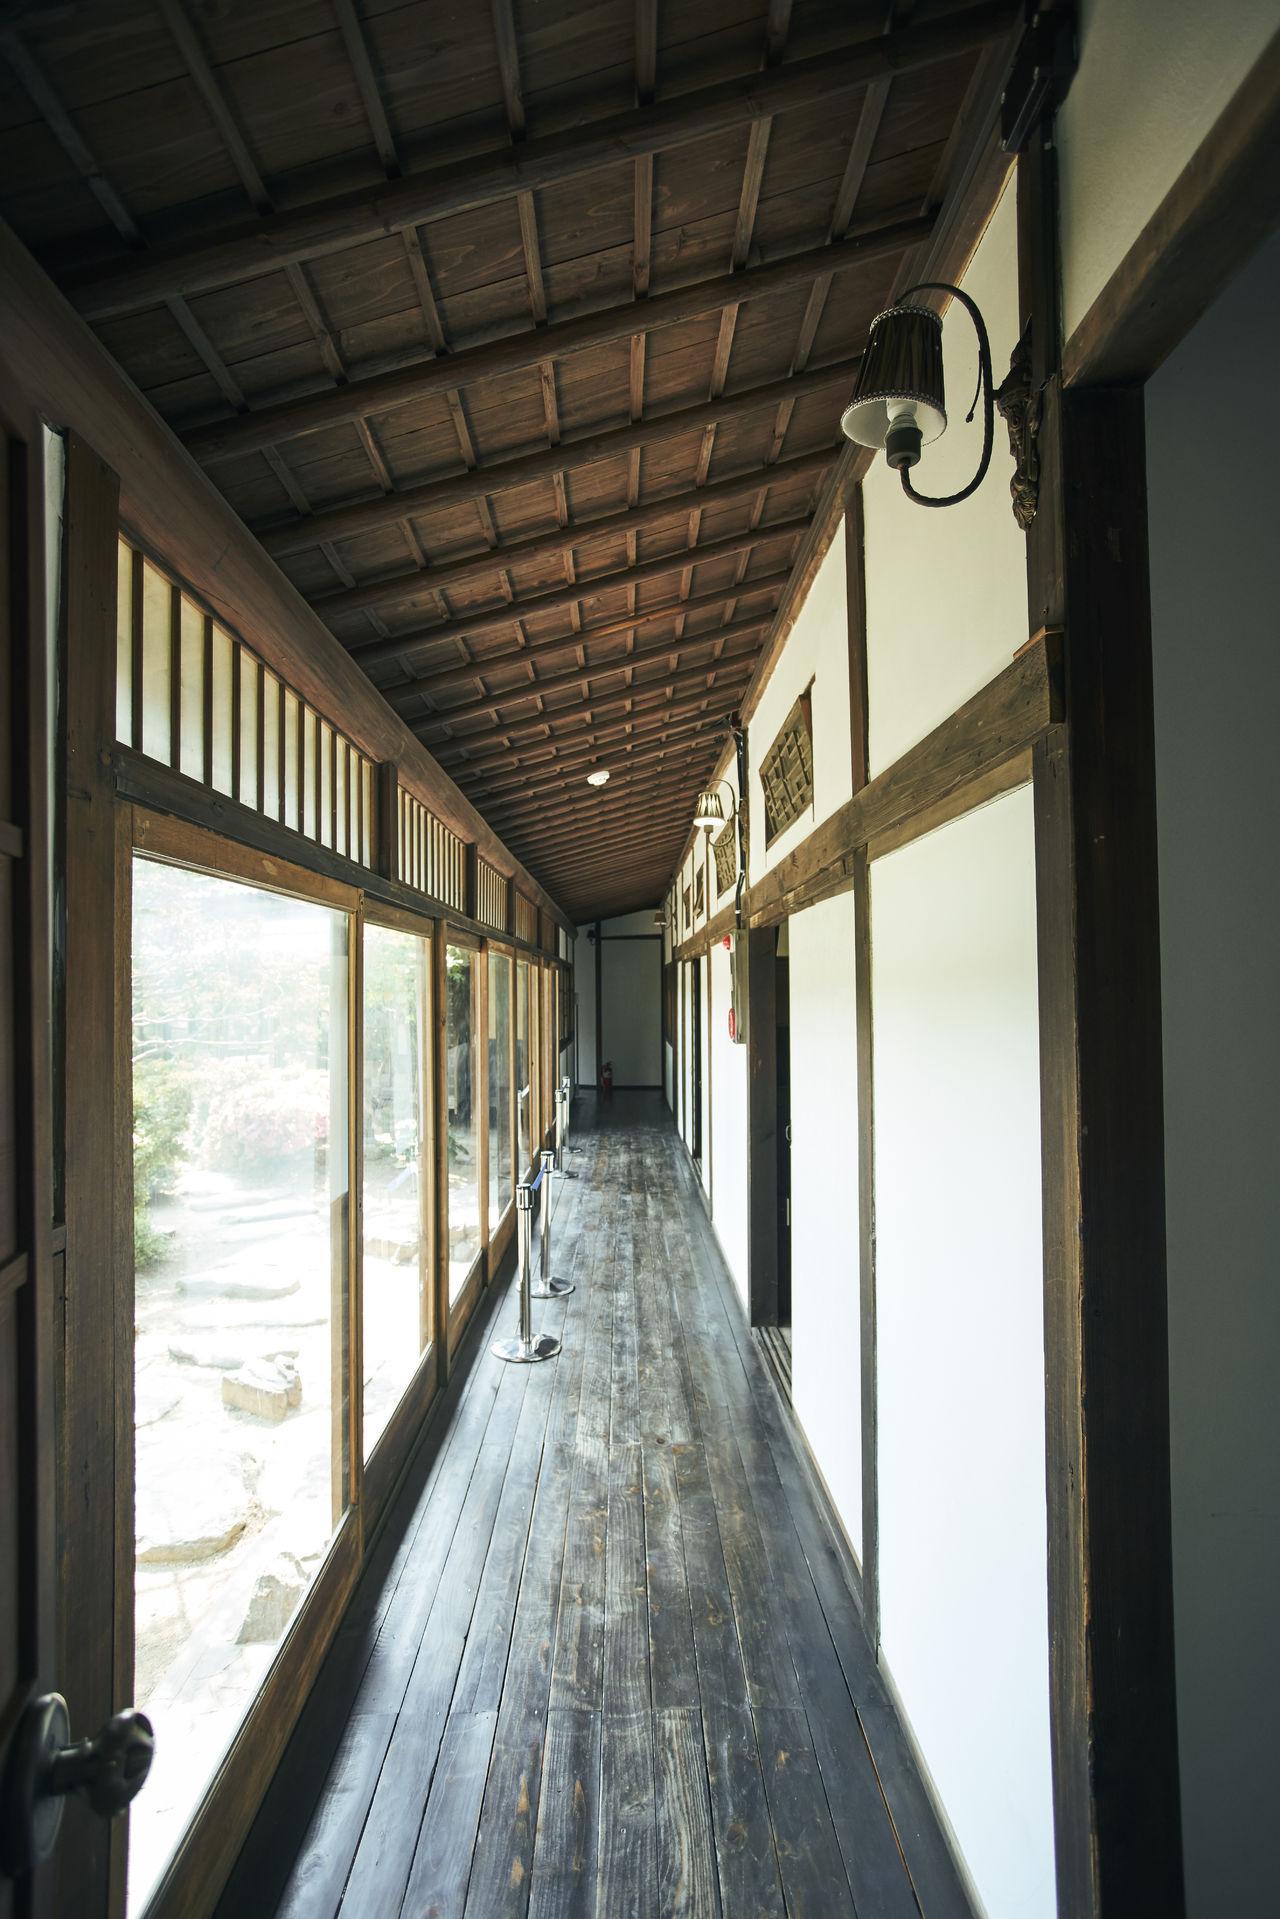 일본식 가옥의 또 한 가지 특징은 여러 채의 건물이 모두 복도로 연결되어 있다는 것이다. 한 채씩 따로 떨어져 있어 신발을 신고 건너가는 한옥과는 다른 경험. 같은 특징을 동국사에서도 볼 수 있다.